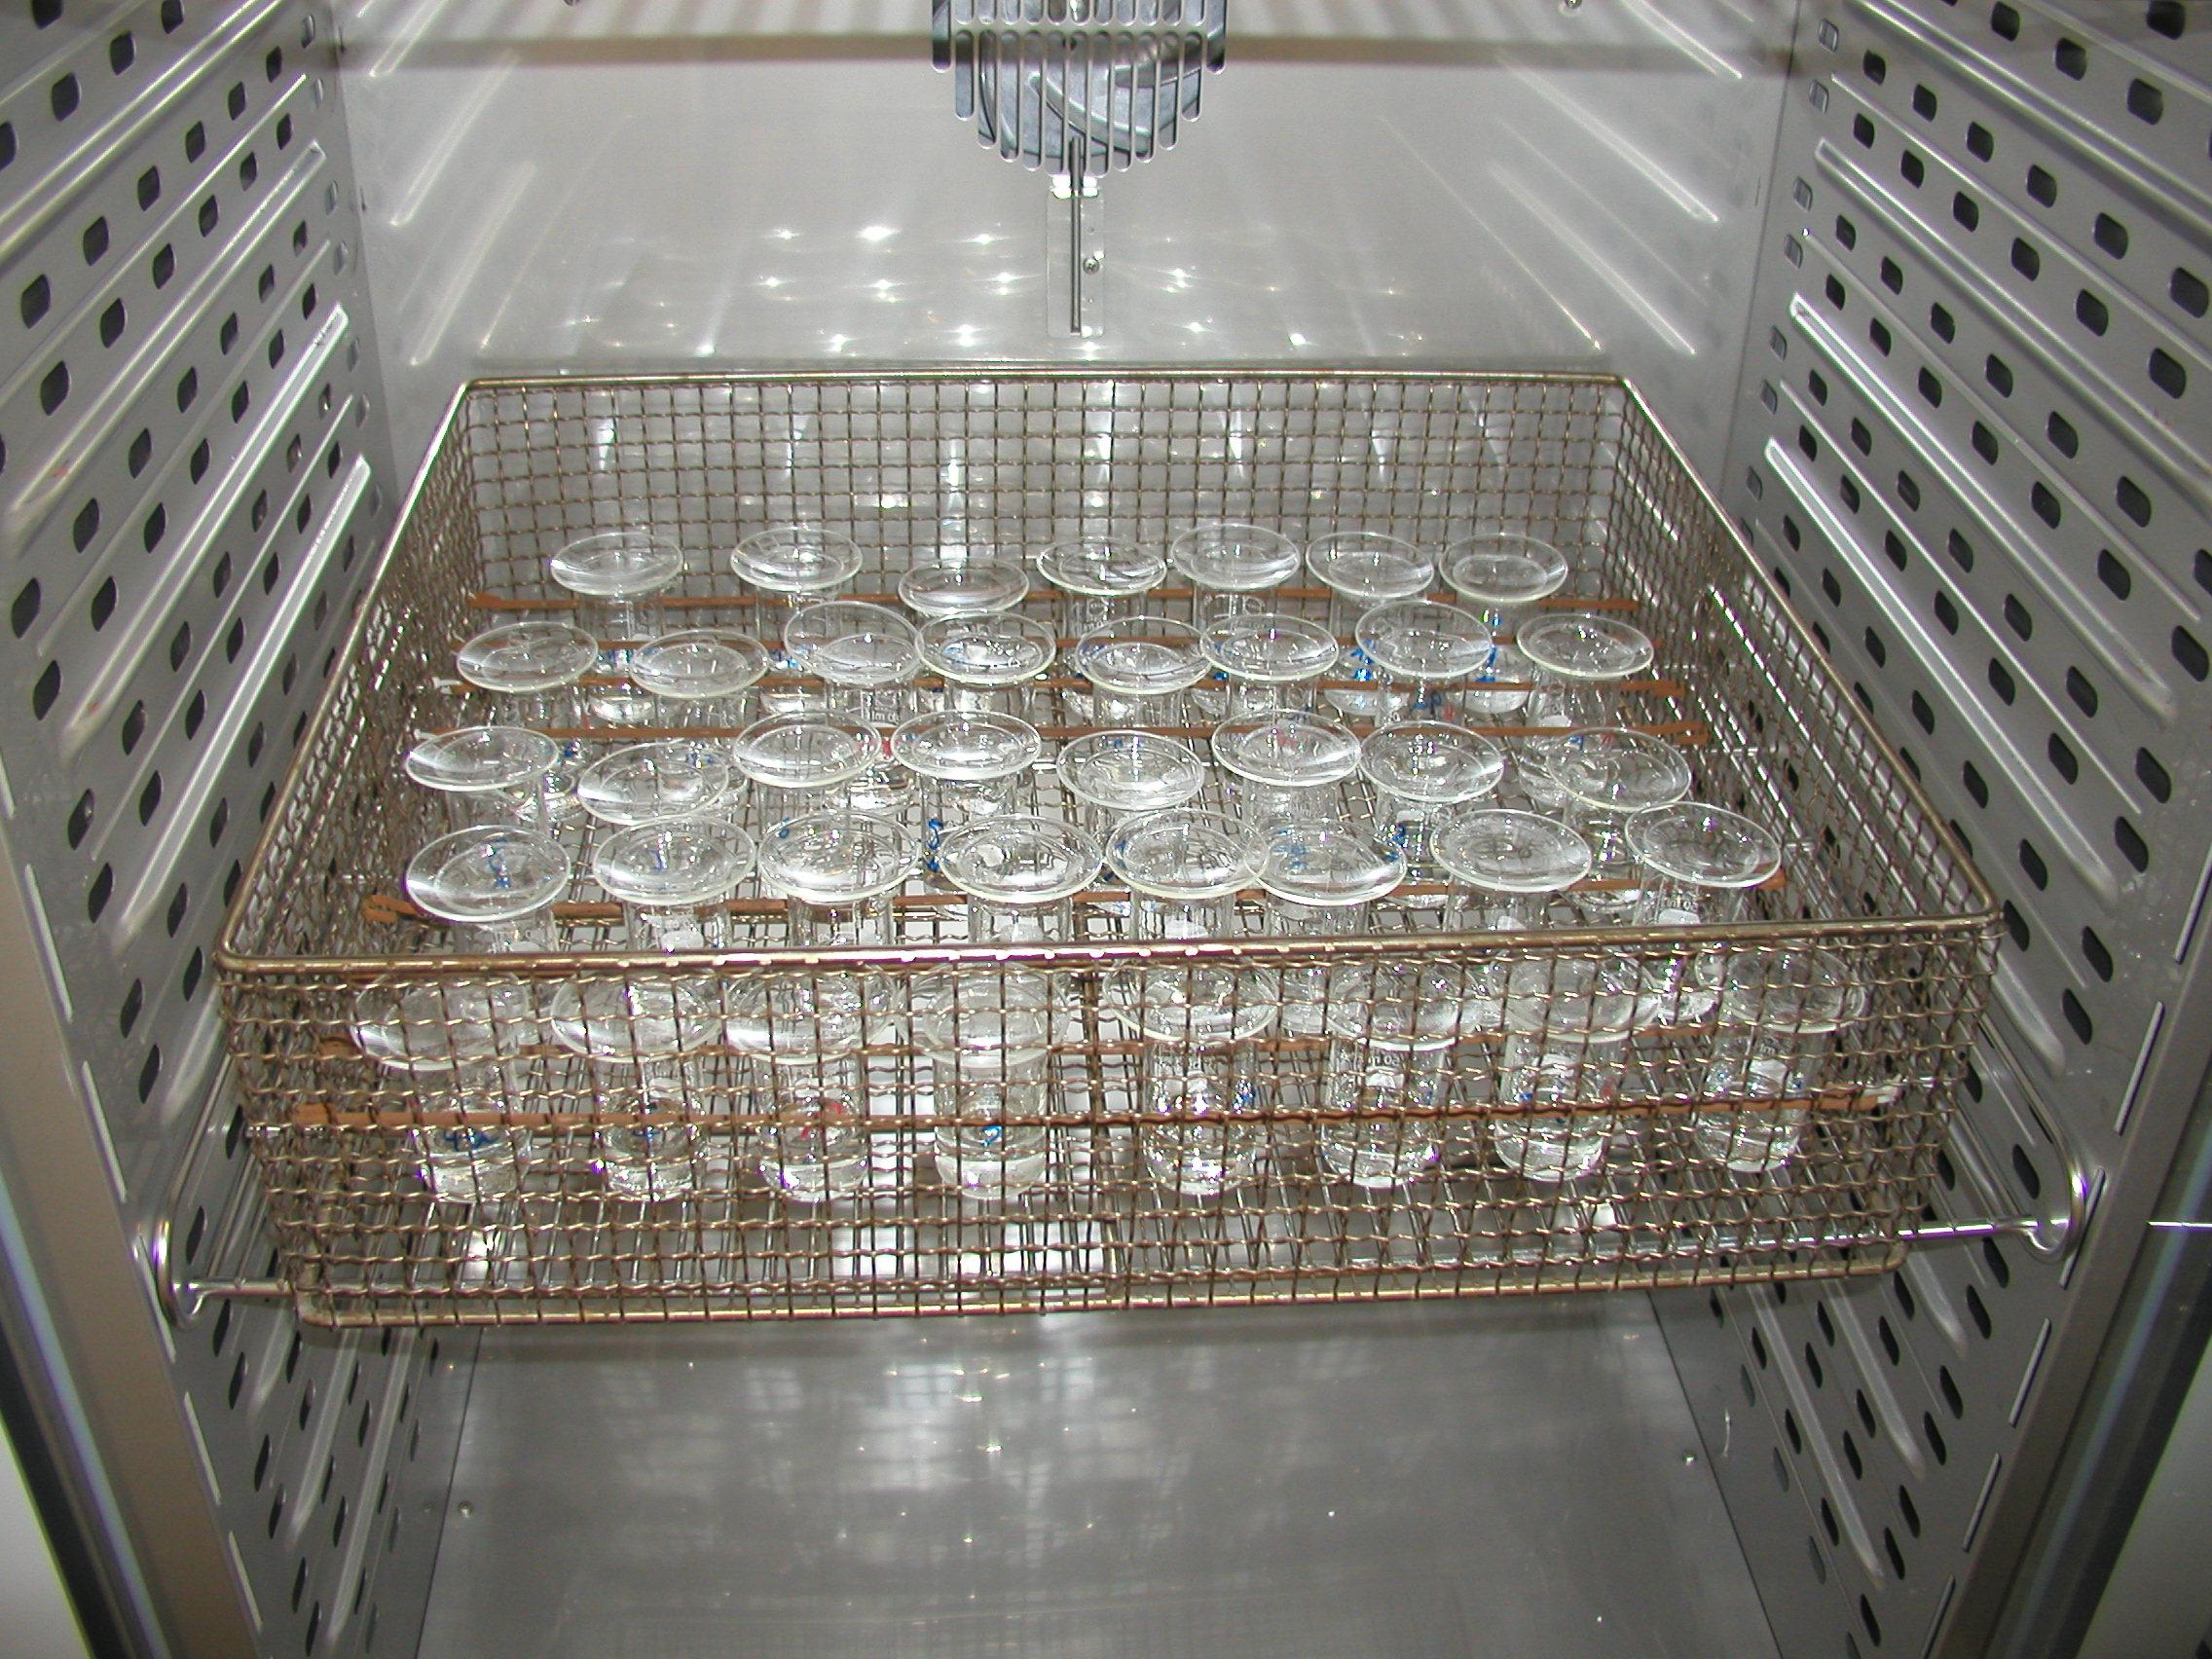 In einem Klimaschrank stehen in einem Einschub Glasgefäße mit Wasserflöhen.